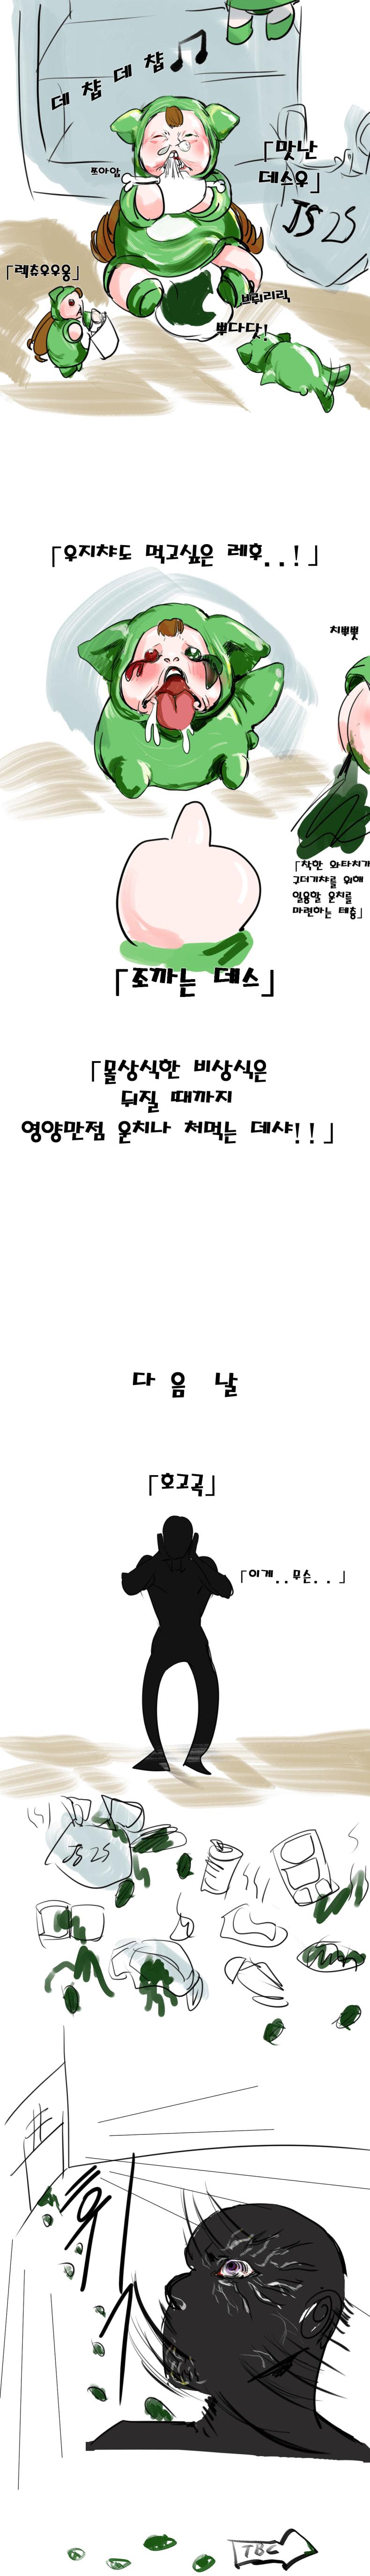 viewimage.php?id=2ebcc232eadd36&no=24b0d769e1d32ca73fed8ffa11d028317805b44c4c832ef9bd9f21ca3c34a89d857caf0a224ec4bb24abb0e33807225410b08a44593b4352044eaf5f835f48c62c5dfb